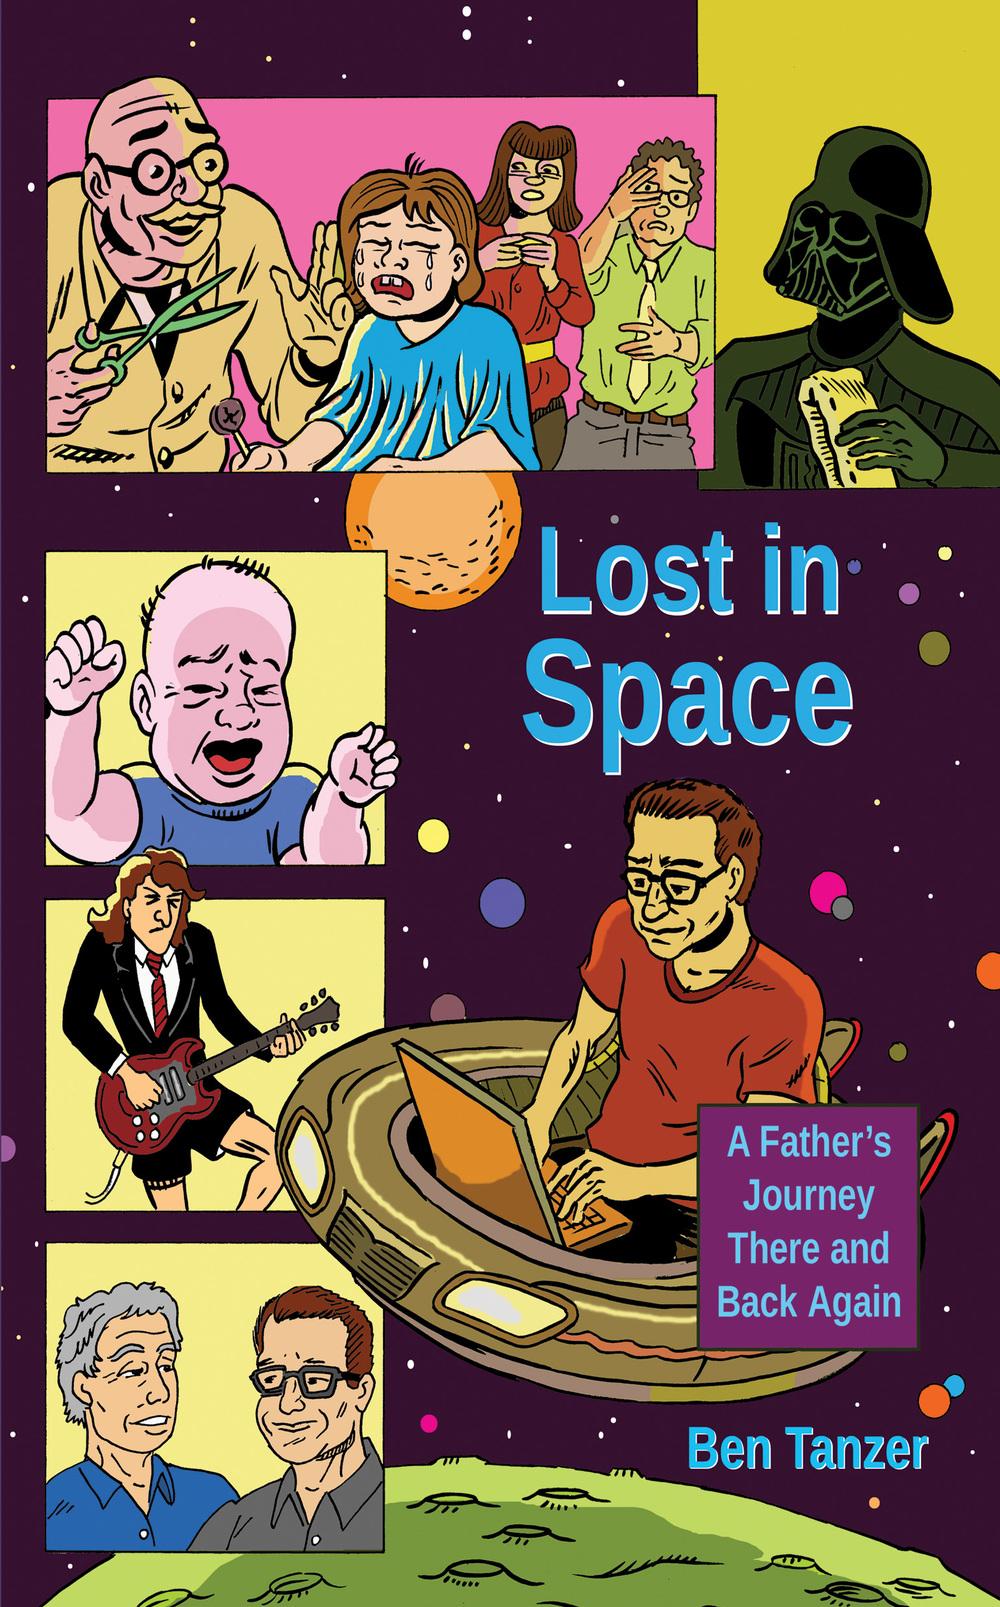 LostInSpace_cover.jpg